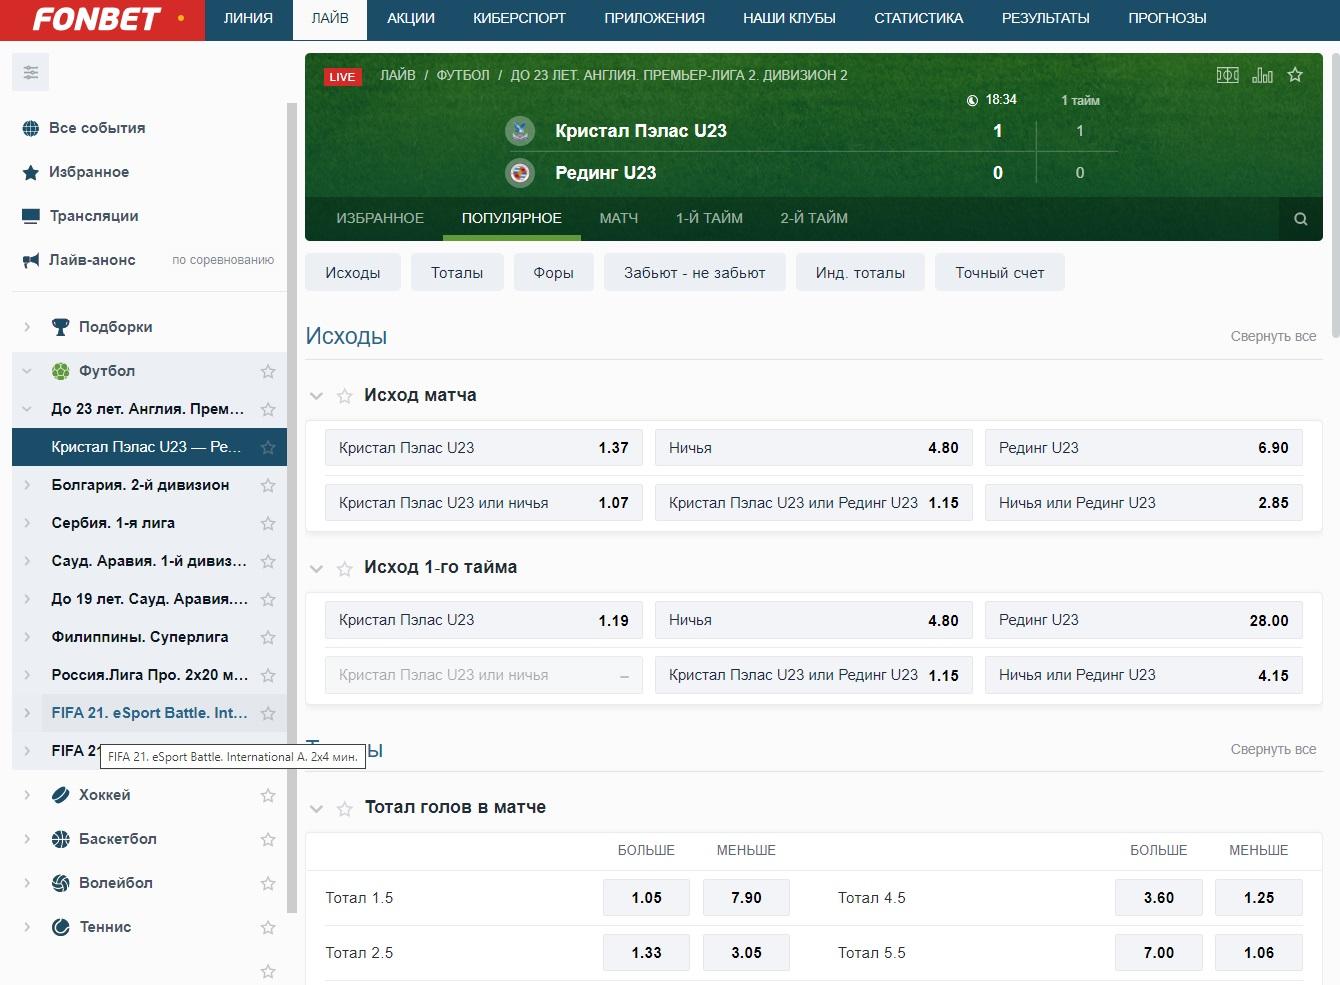 онлайн рынки на футбол